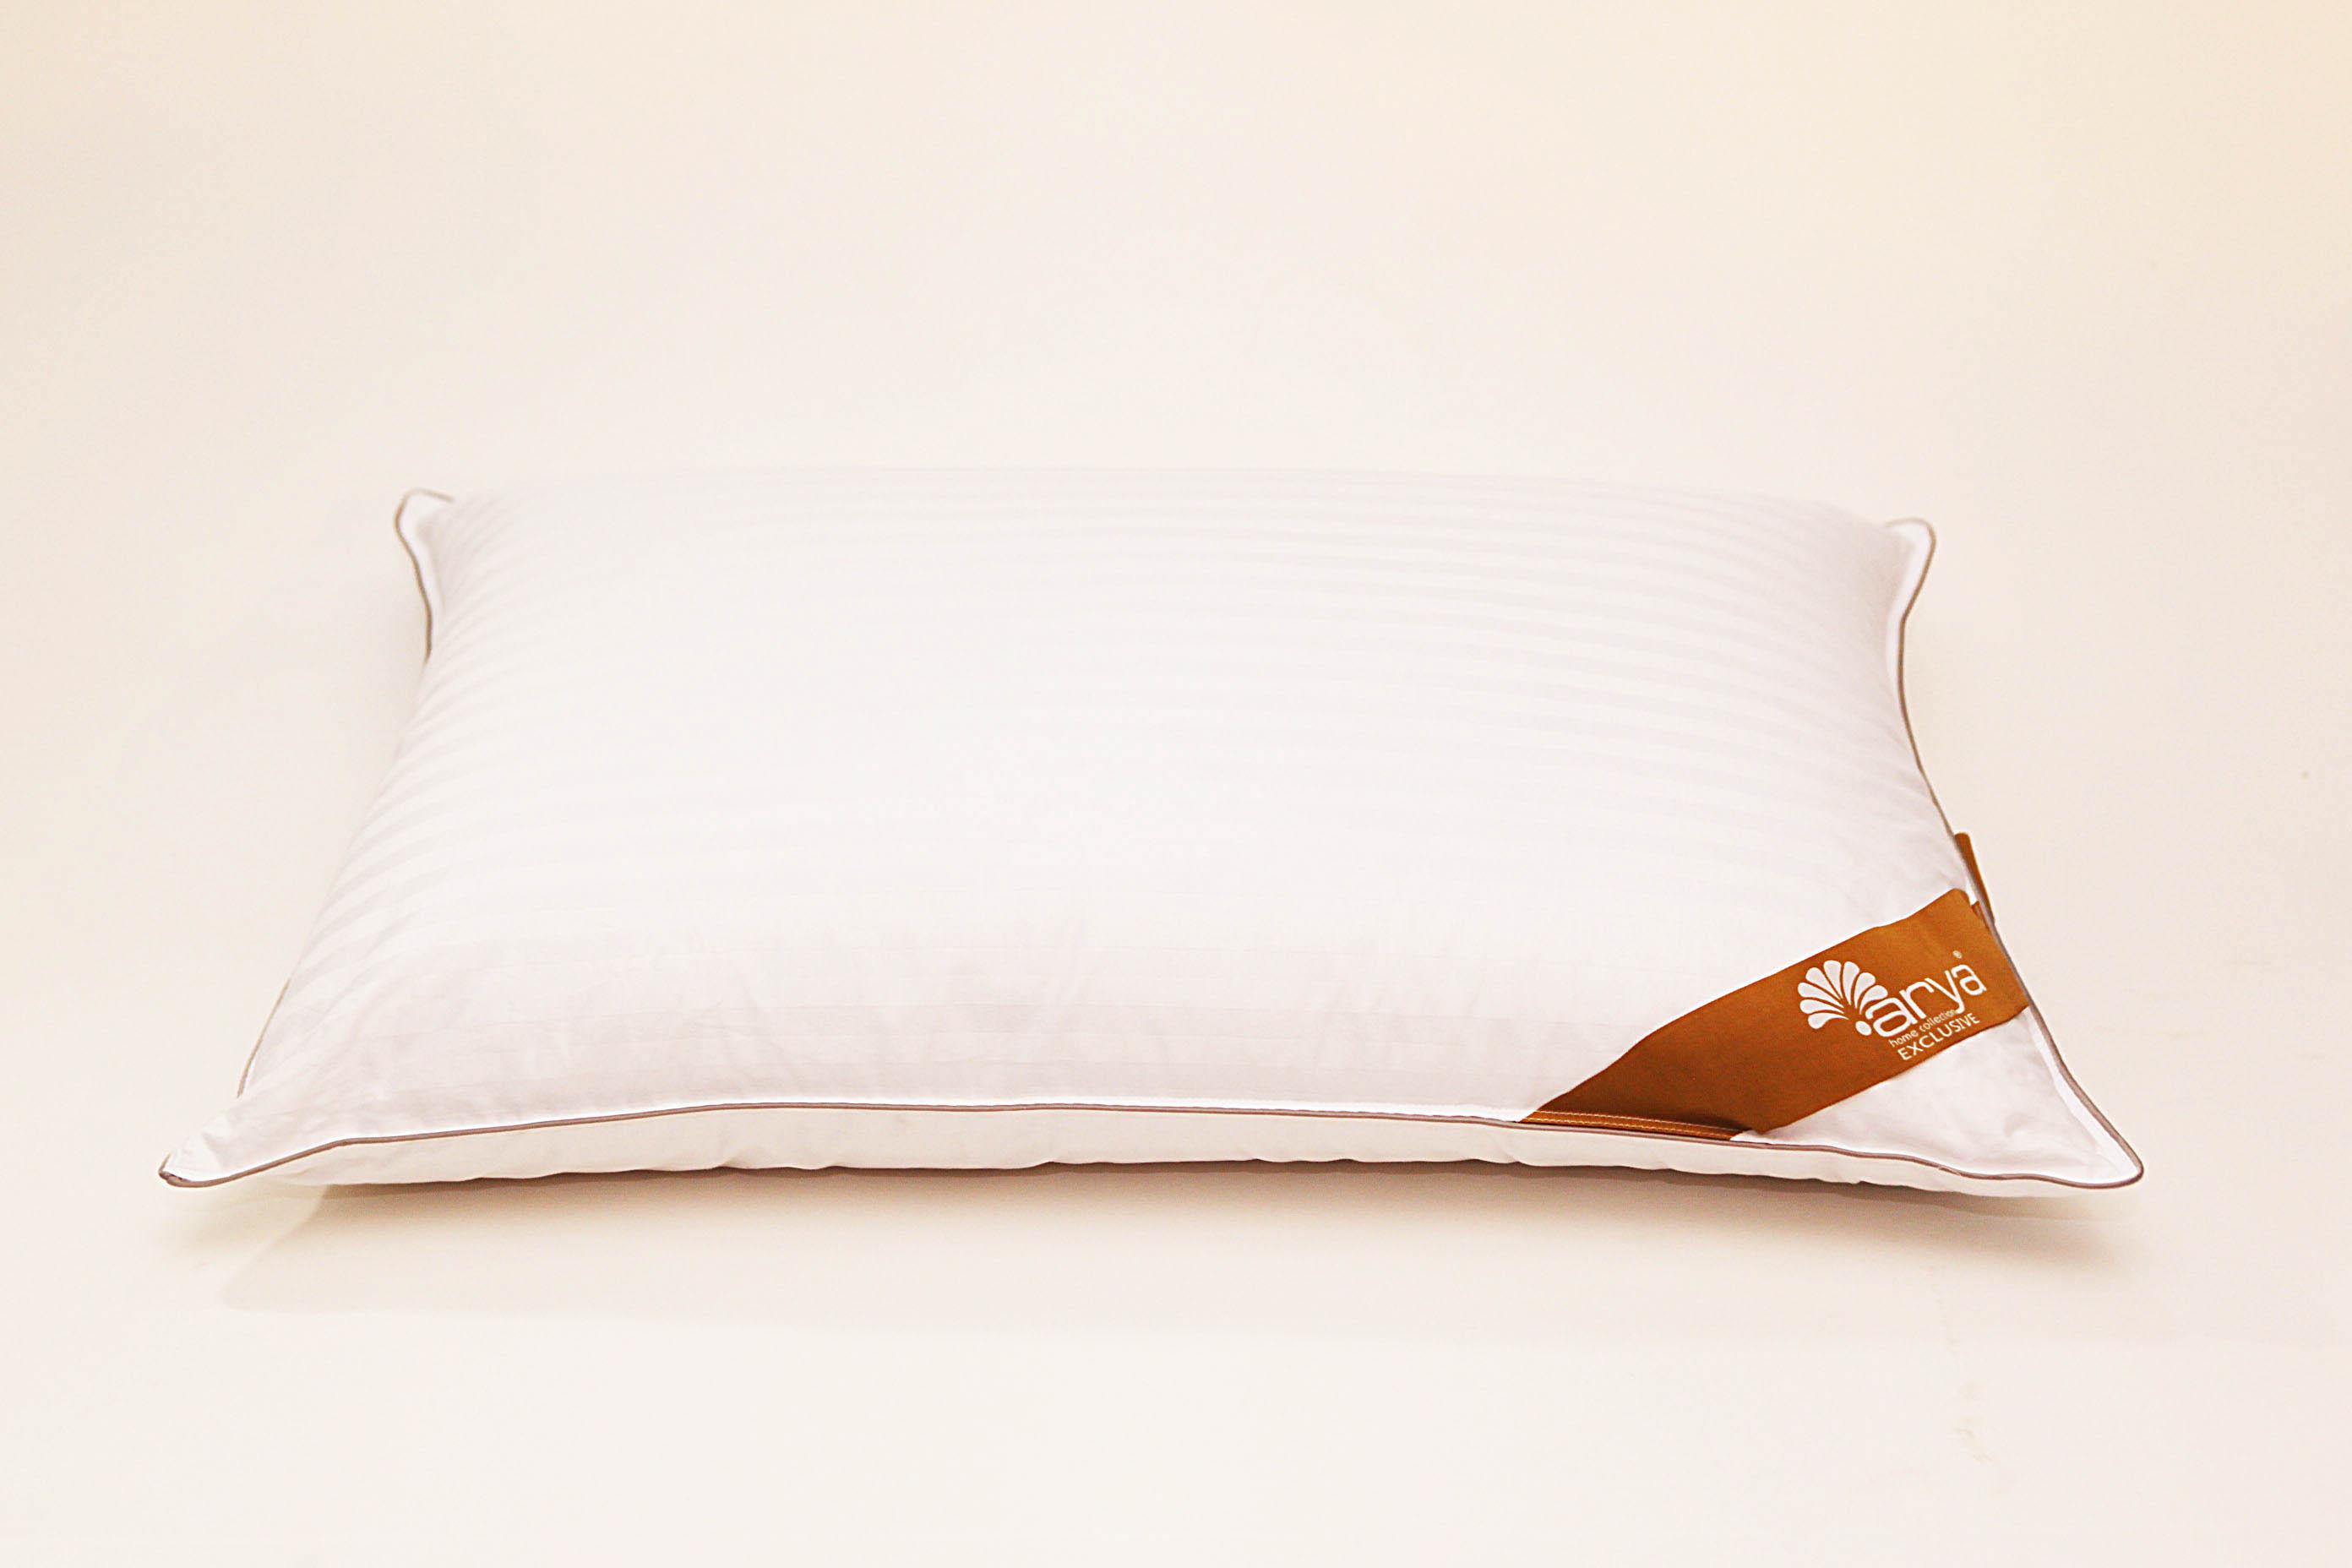 Подушка AryaПодушки<br>Подушка средняя для тех, кто спит на спине<br>Размер (см): 50х70 (1 шт) (Прямоугольная)<br><br>Наполнитель ядра: Пух-перо<br>Состав наполнителя ядра: 70% белый гусиный пух, 30% белое гусиное перо<br><br>Материал чехла: Хлопковый жаккард<br>Состав материала чехла: 100% Хлопок<br><br>Отделка: Кант<br>Застежка: Нет<br><br>Производитель: Arya<br>Cтрана производства: Турция<br>Тип Упаковки: Сумка<br>Вес: 650<br><br>Тип: подушка обычная<br>Размерность комплекта: None<br>Материал: Хлопковый жаккард<br>Размер наволочки: None<br>Подарочная упаковка: None<br>Для детей: нет<br>Ткань: Хлопковый жаккард<br>Цвет: Белый